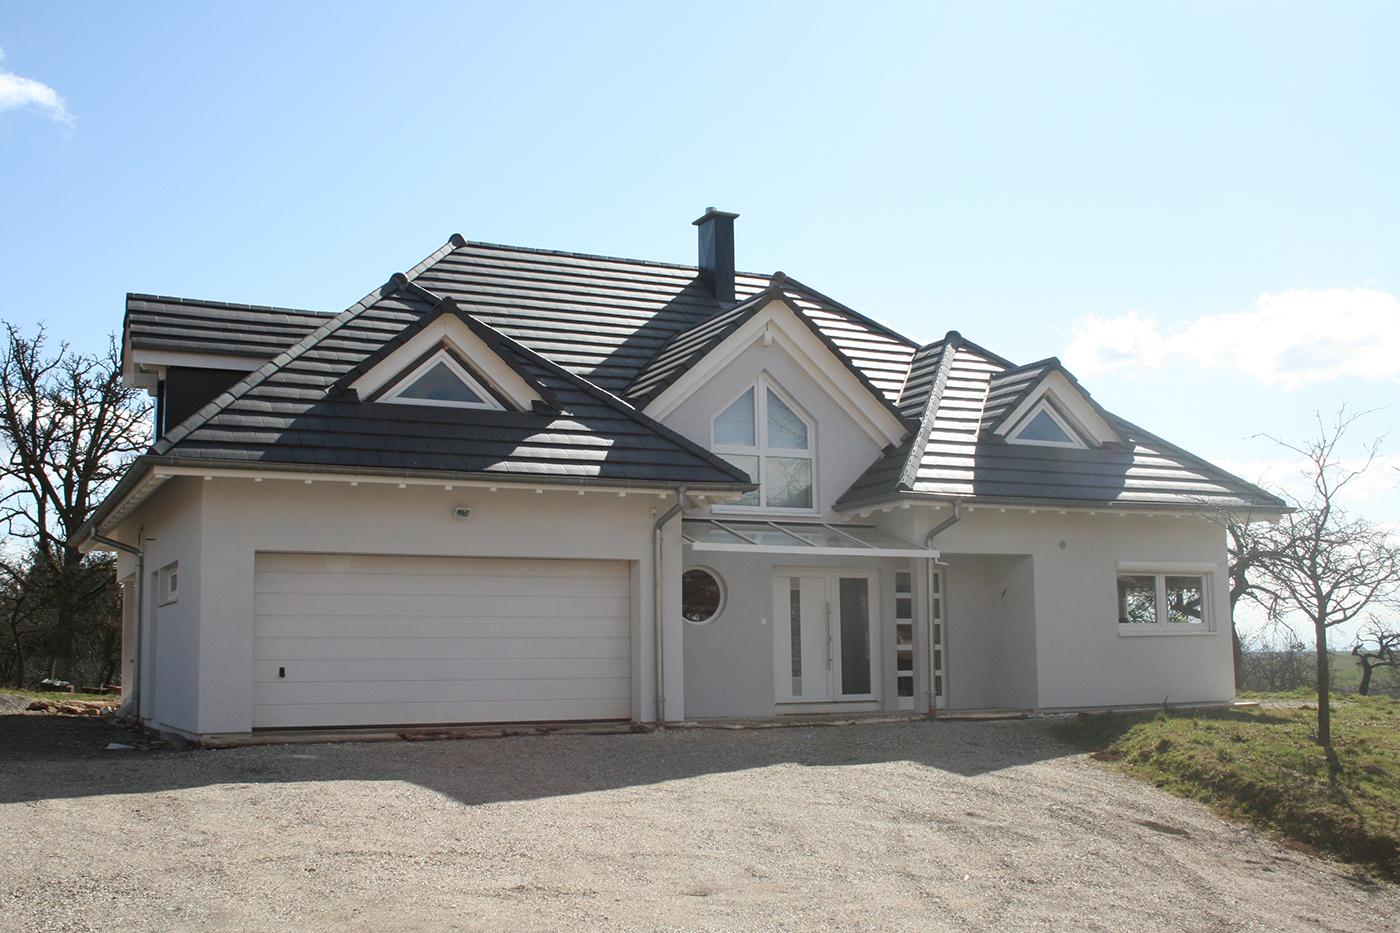 Maisons en bois massif maisons k constructeur de for Constructeur maison individuelle 67